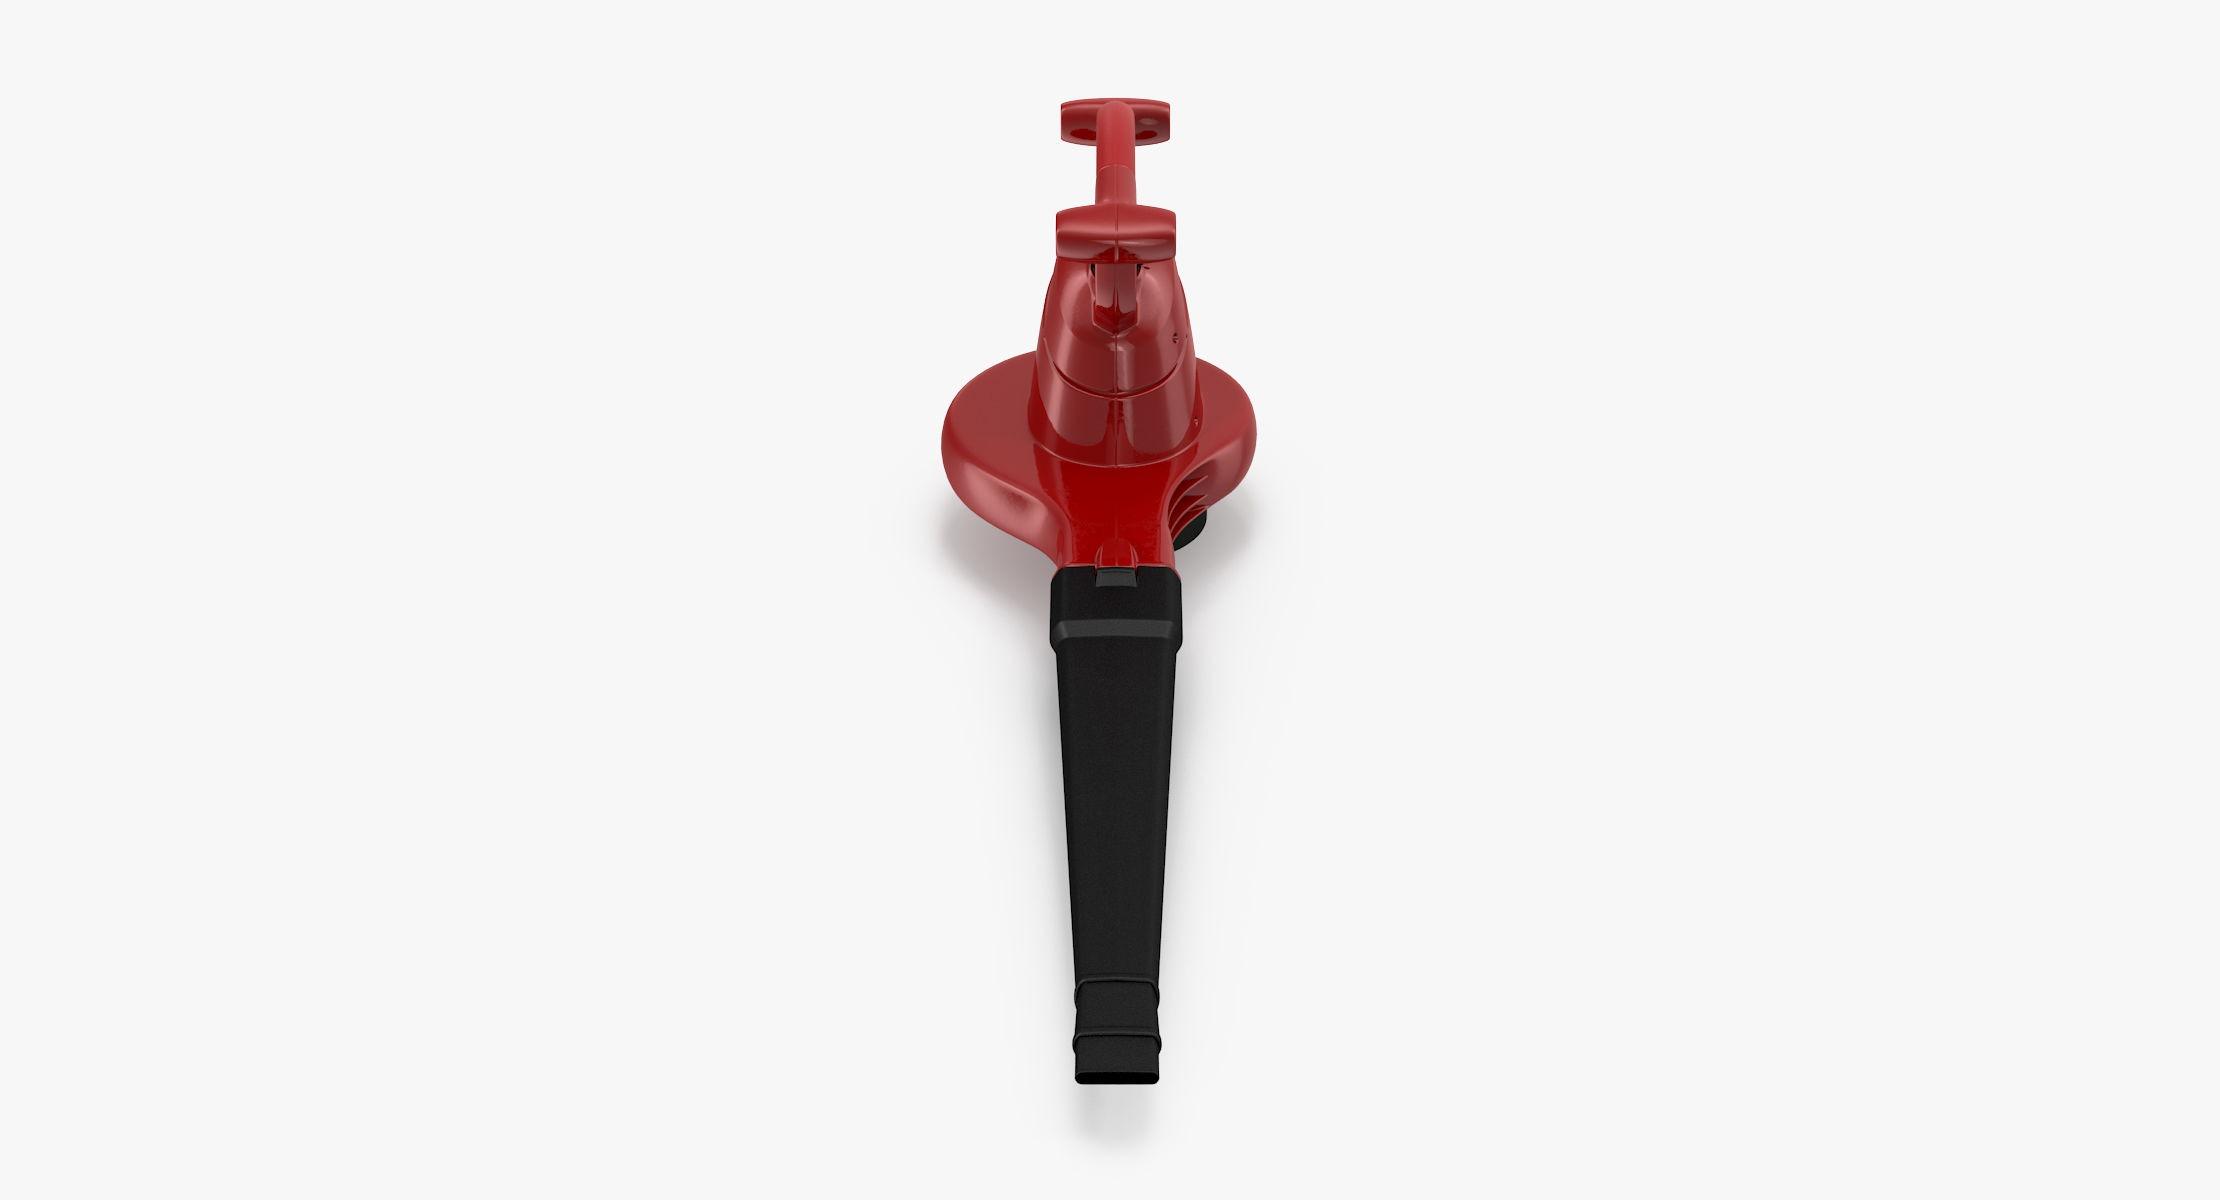 Leaf Blower - reel 1